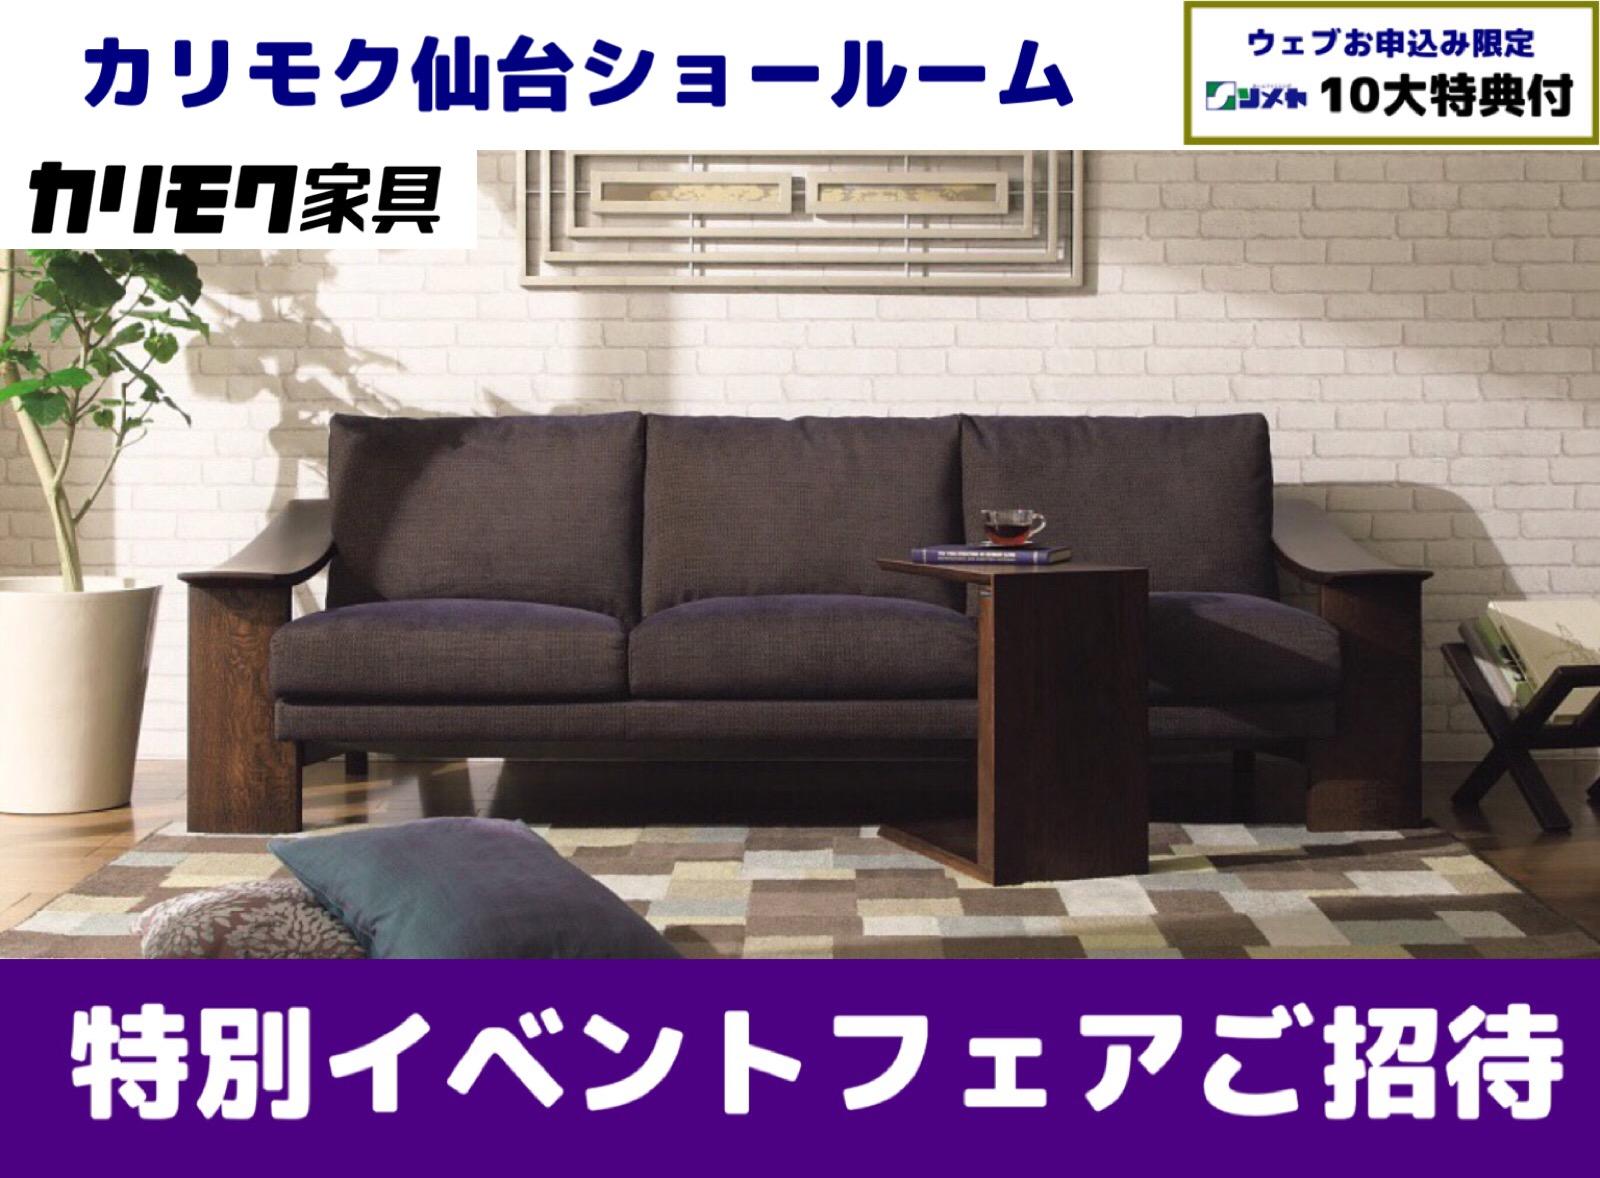 カリモク家具仙台イベントご案内